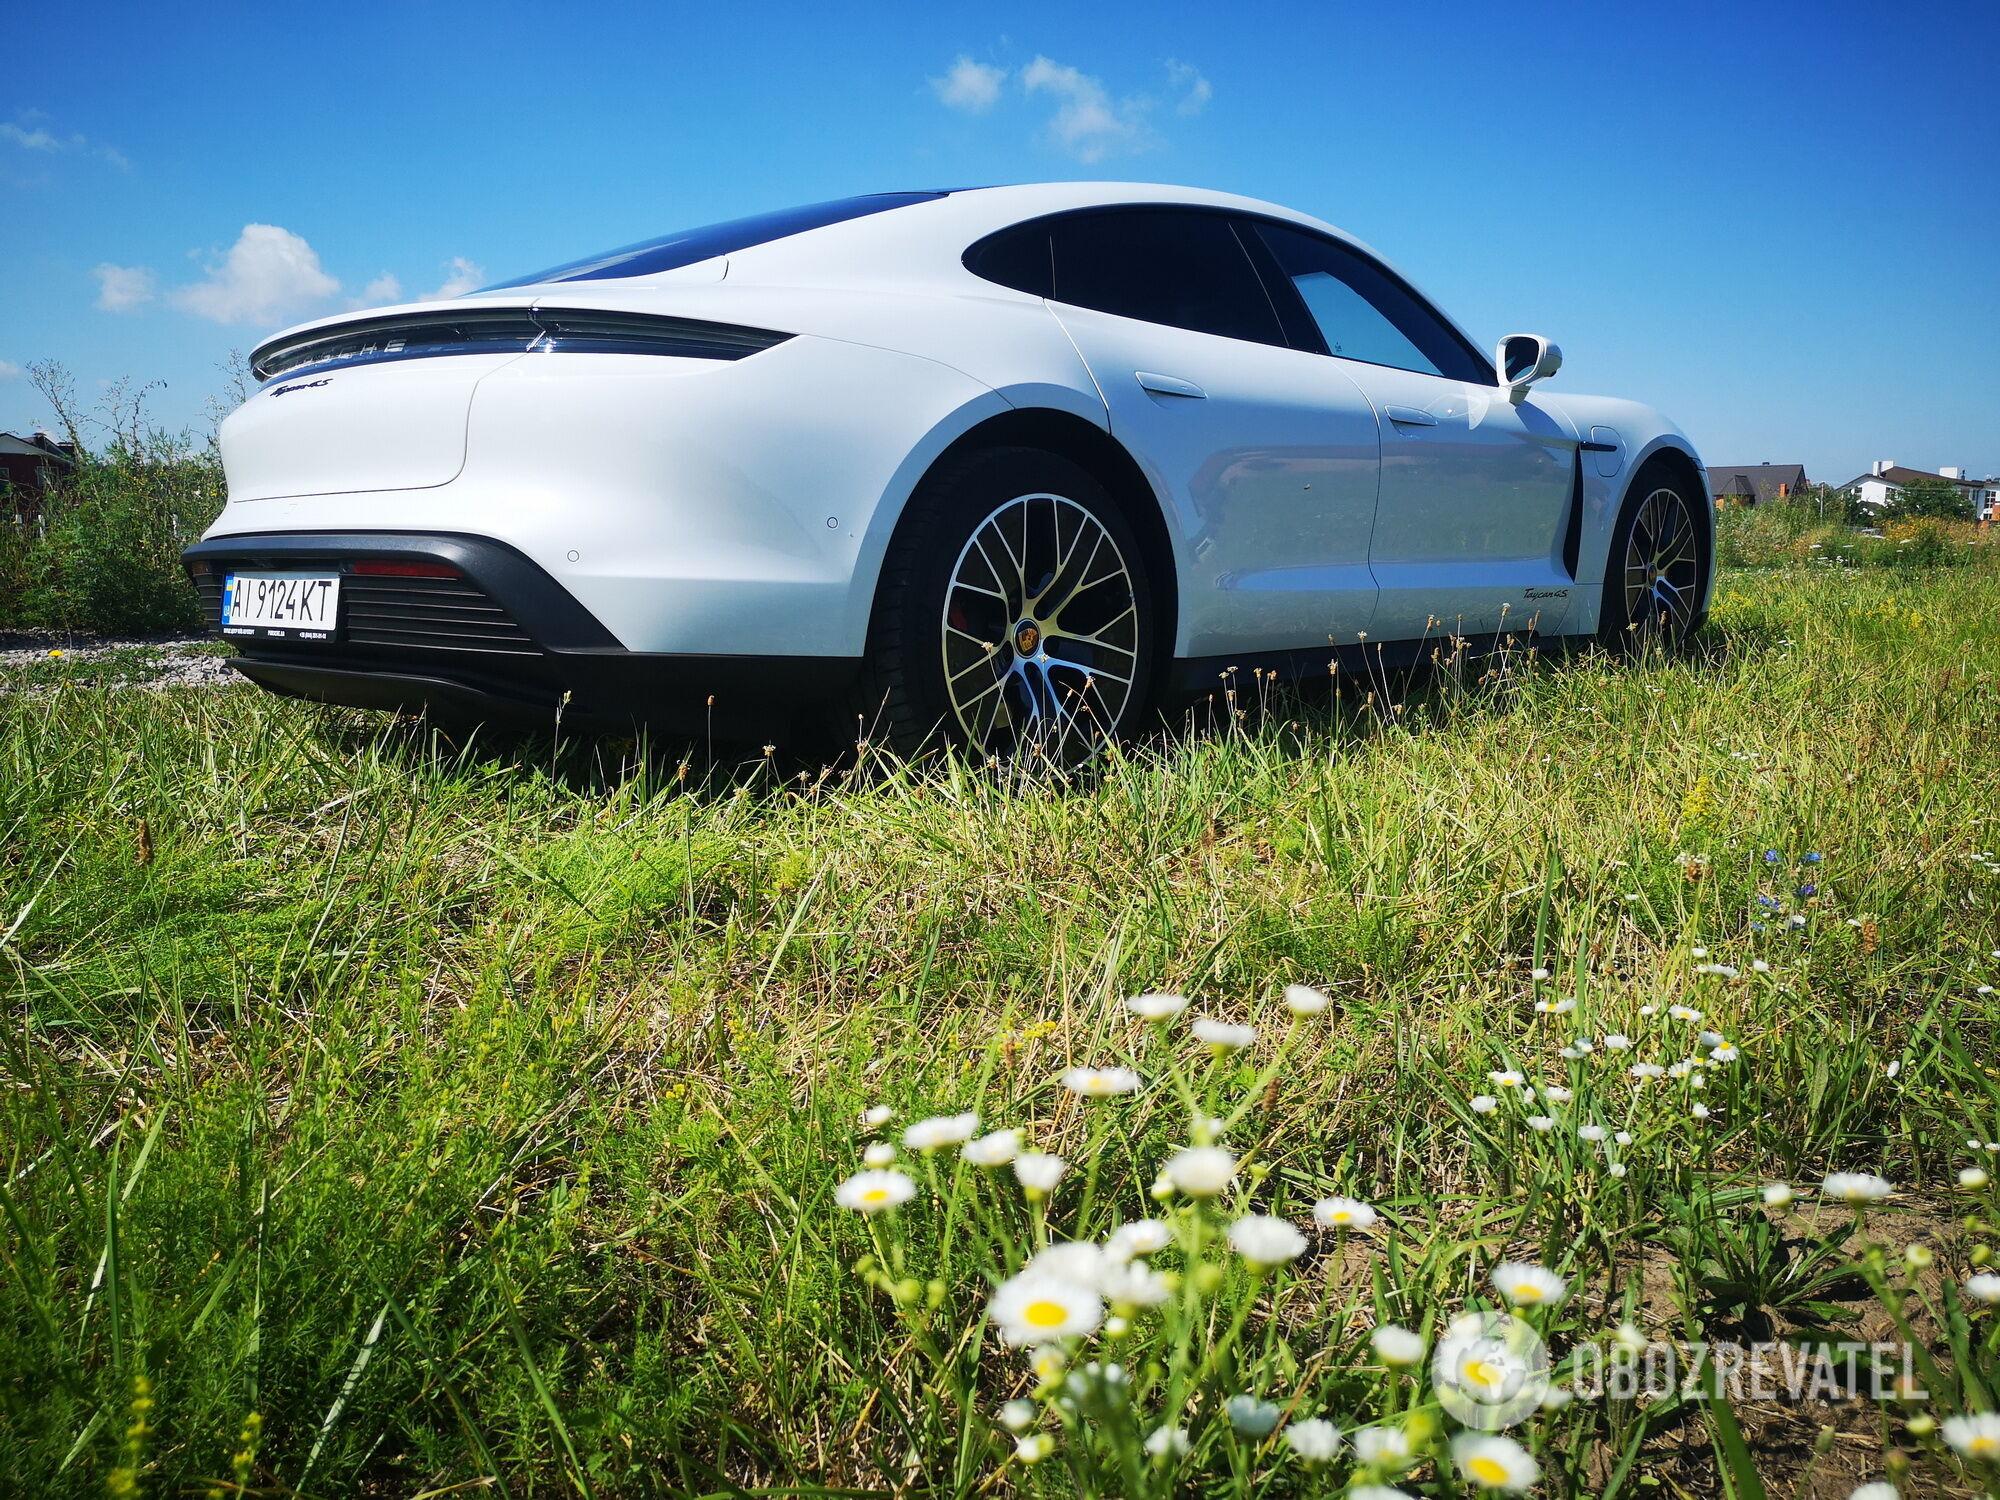 По расходу электроэнергии автомобиль уверенно вписался в заявленные 25 кВтч на 100 км пробега